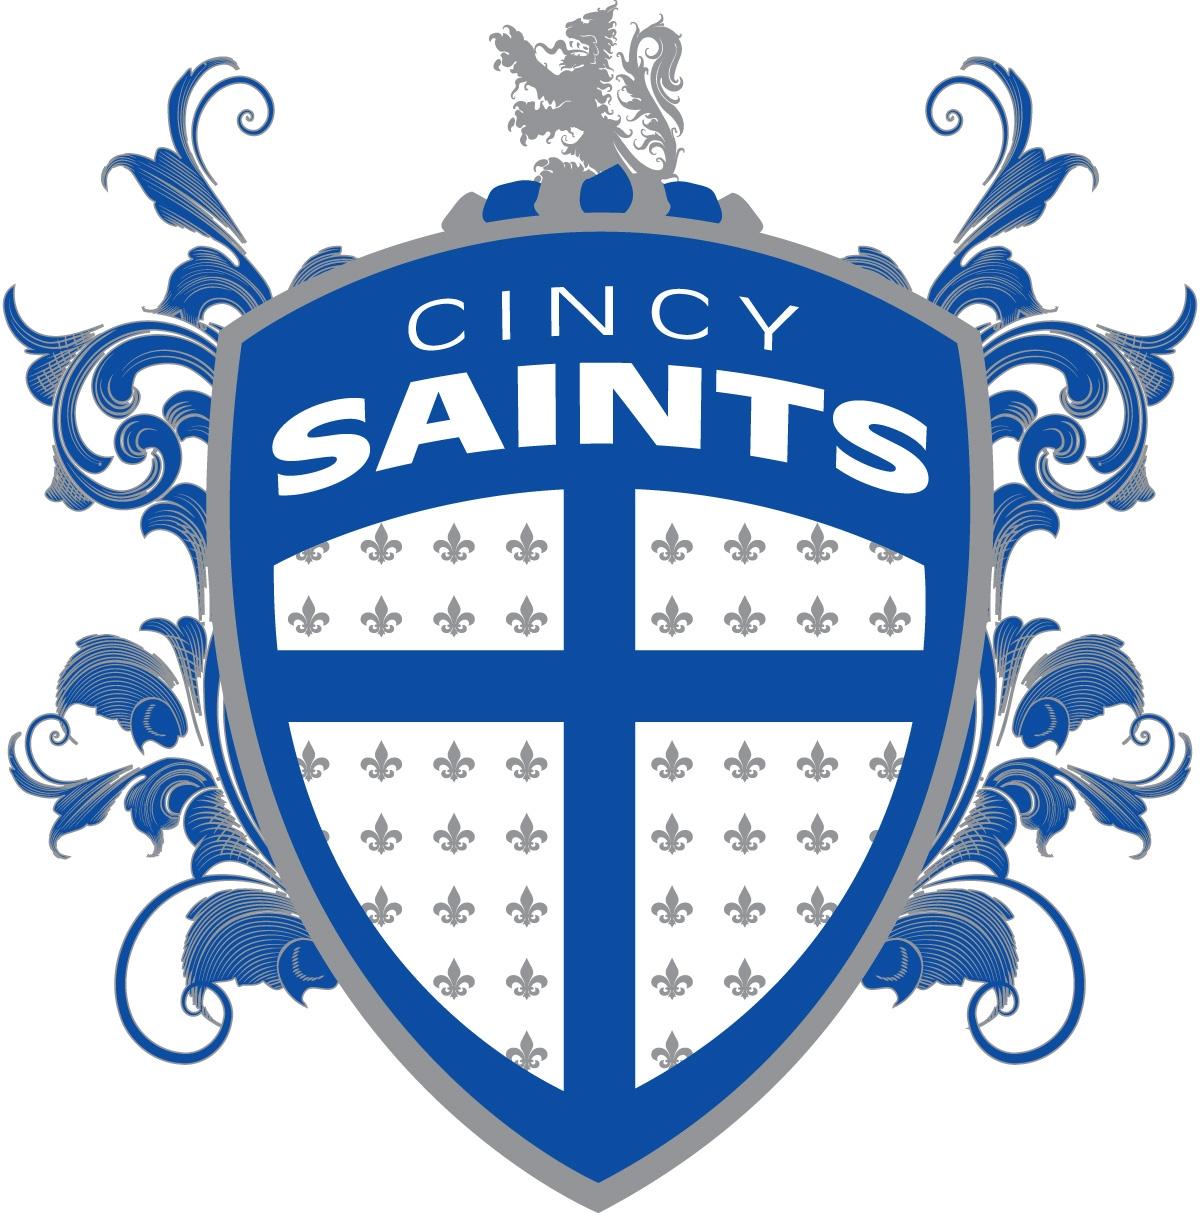 Cincy Saints mens correct color Logo